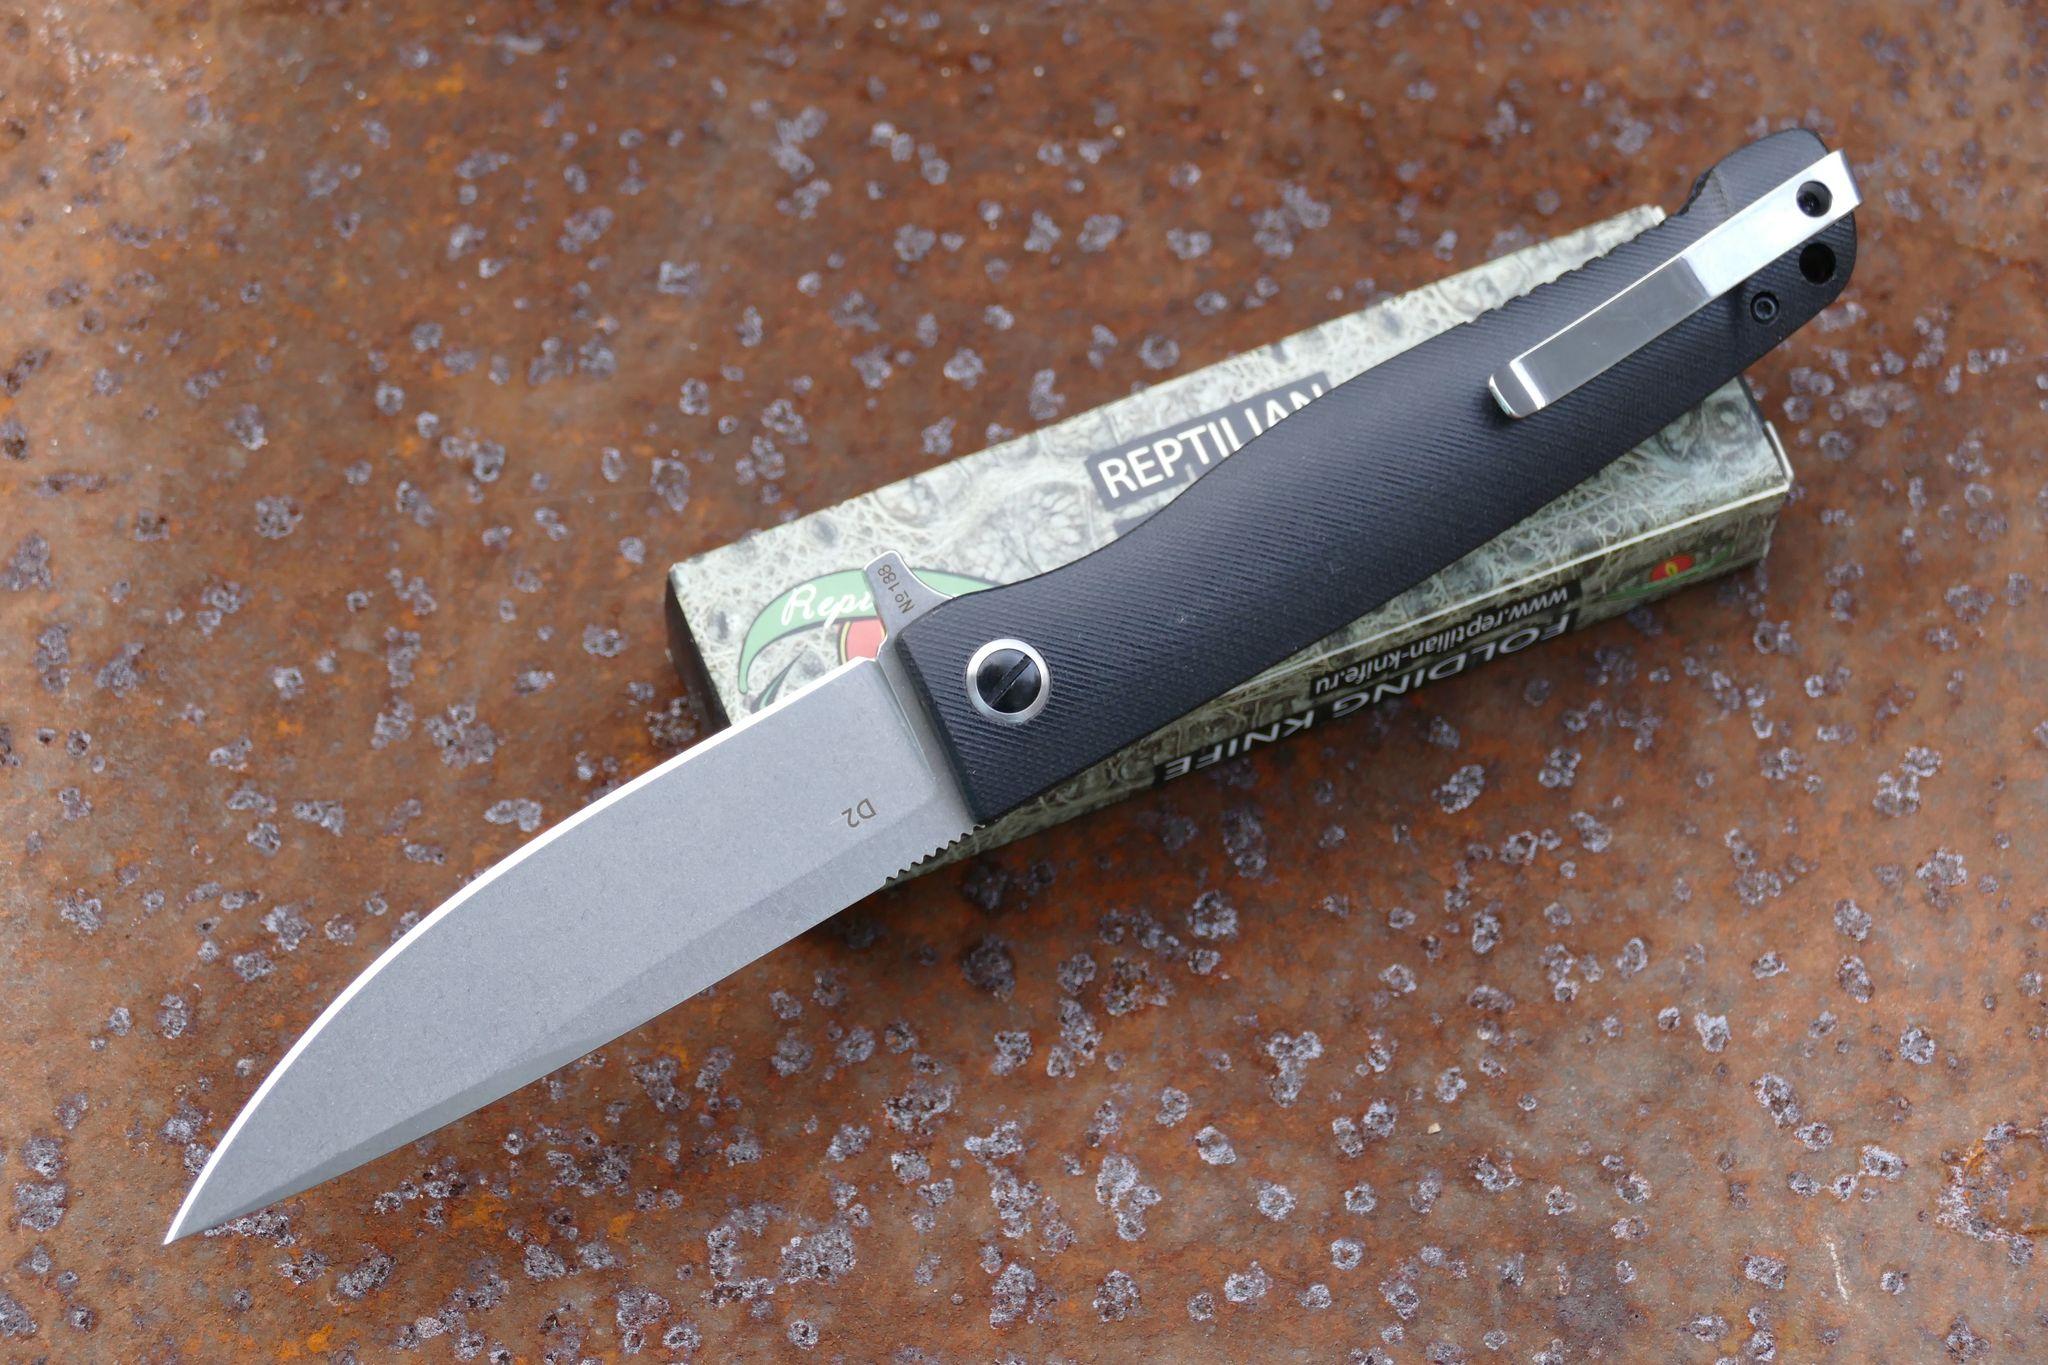 Фото 2 - Складной нож Карат 3 от Reptilian